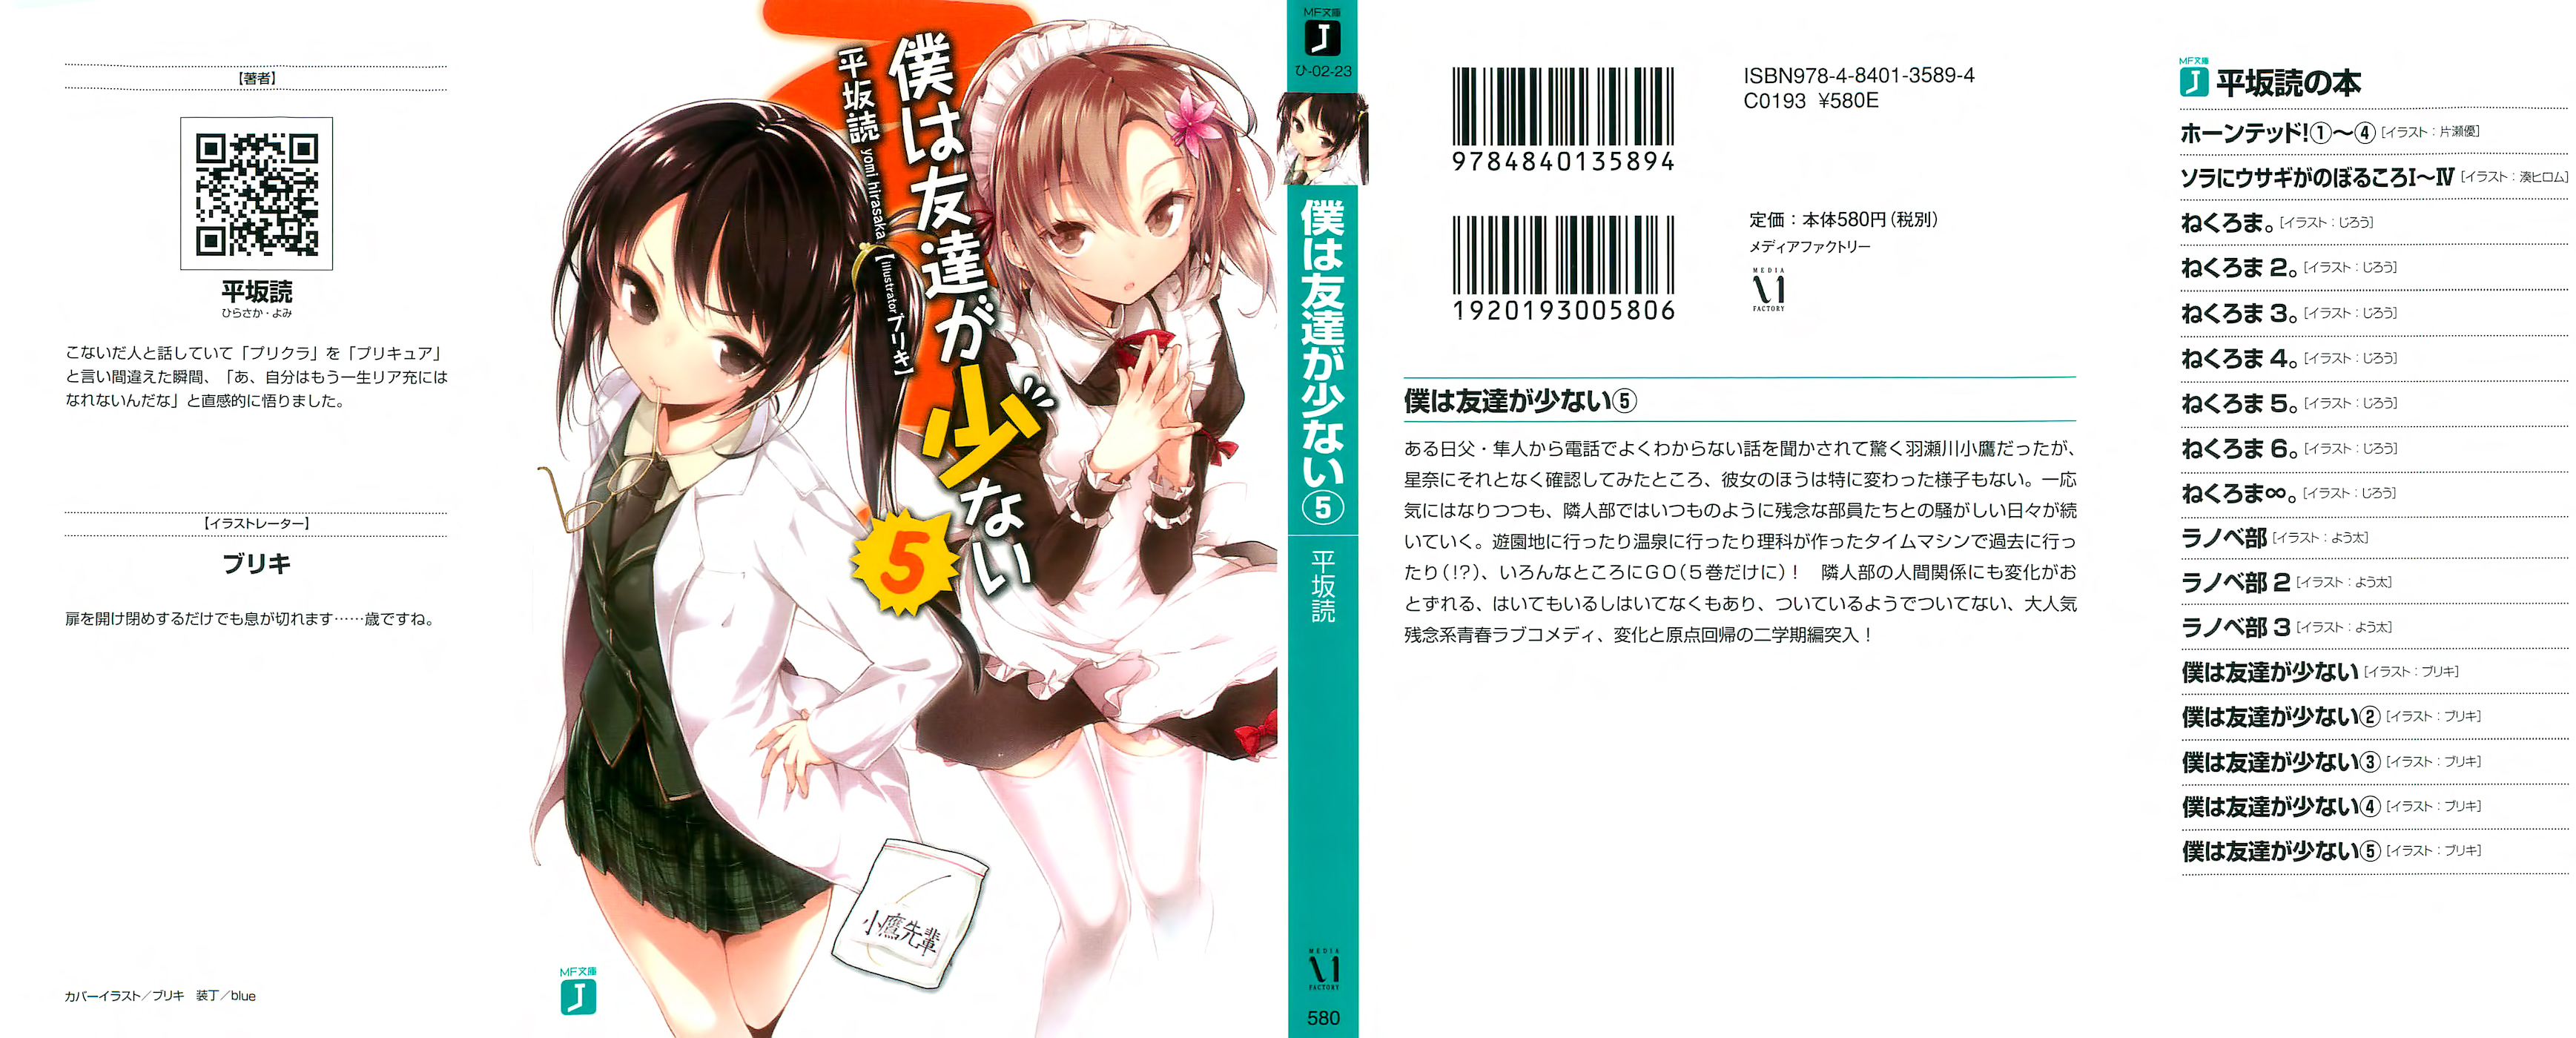 Boku wa Tomodachi ga Sukunai:Tập 5 Illustration